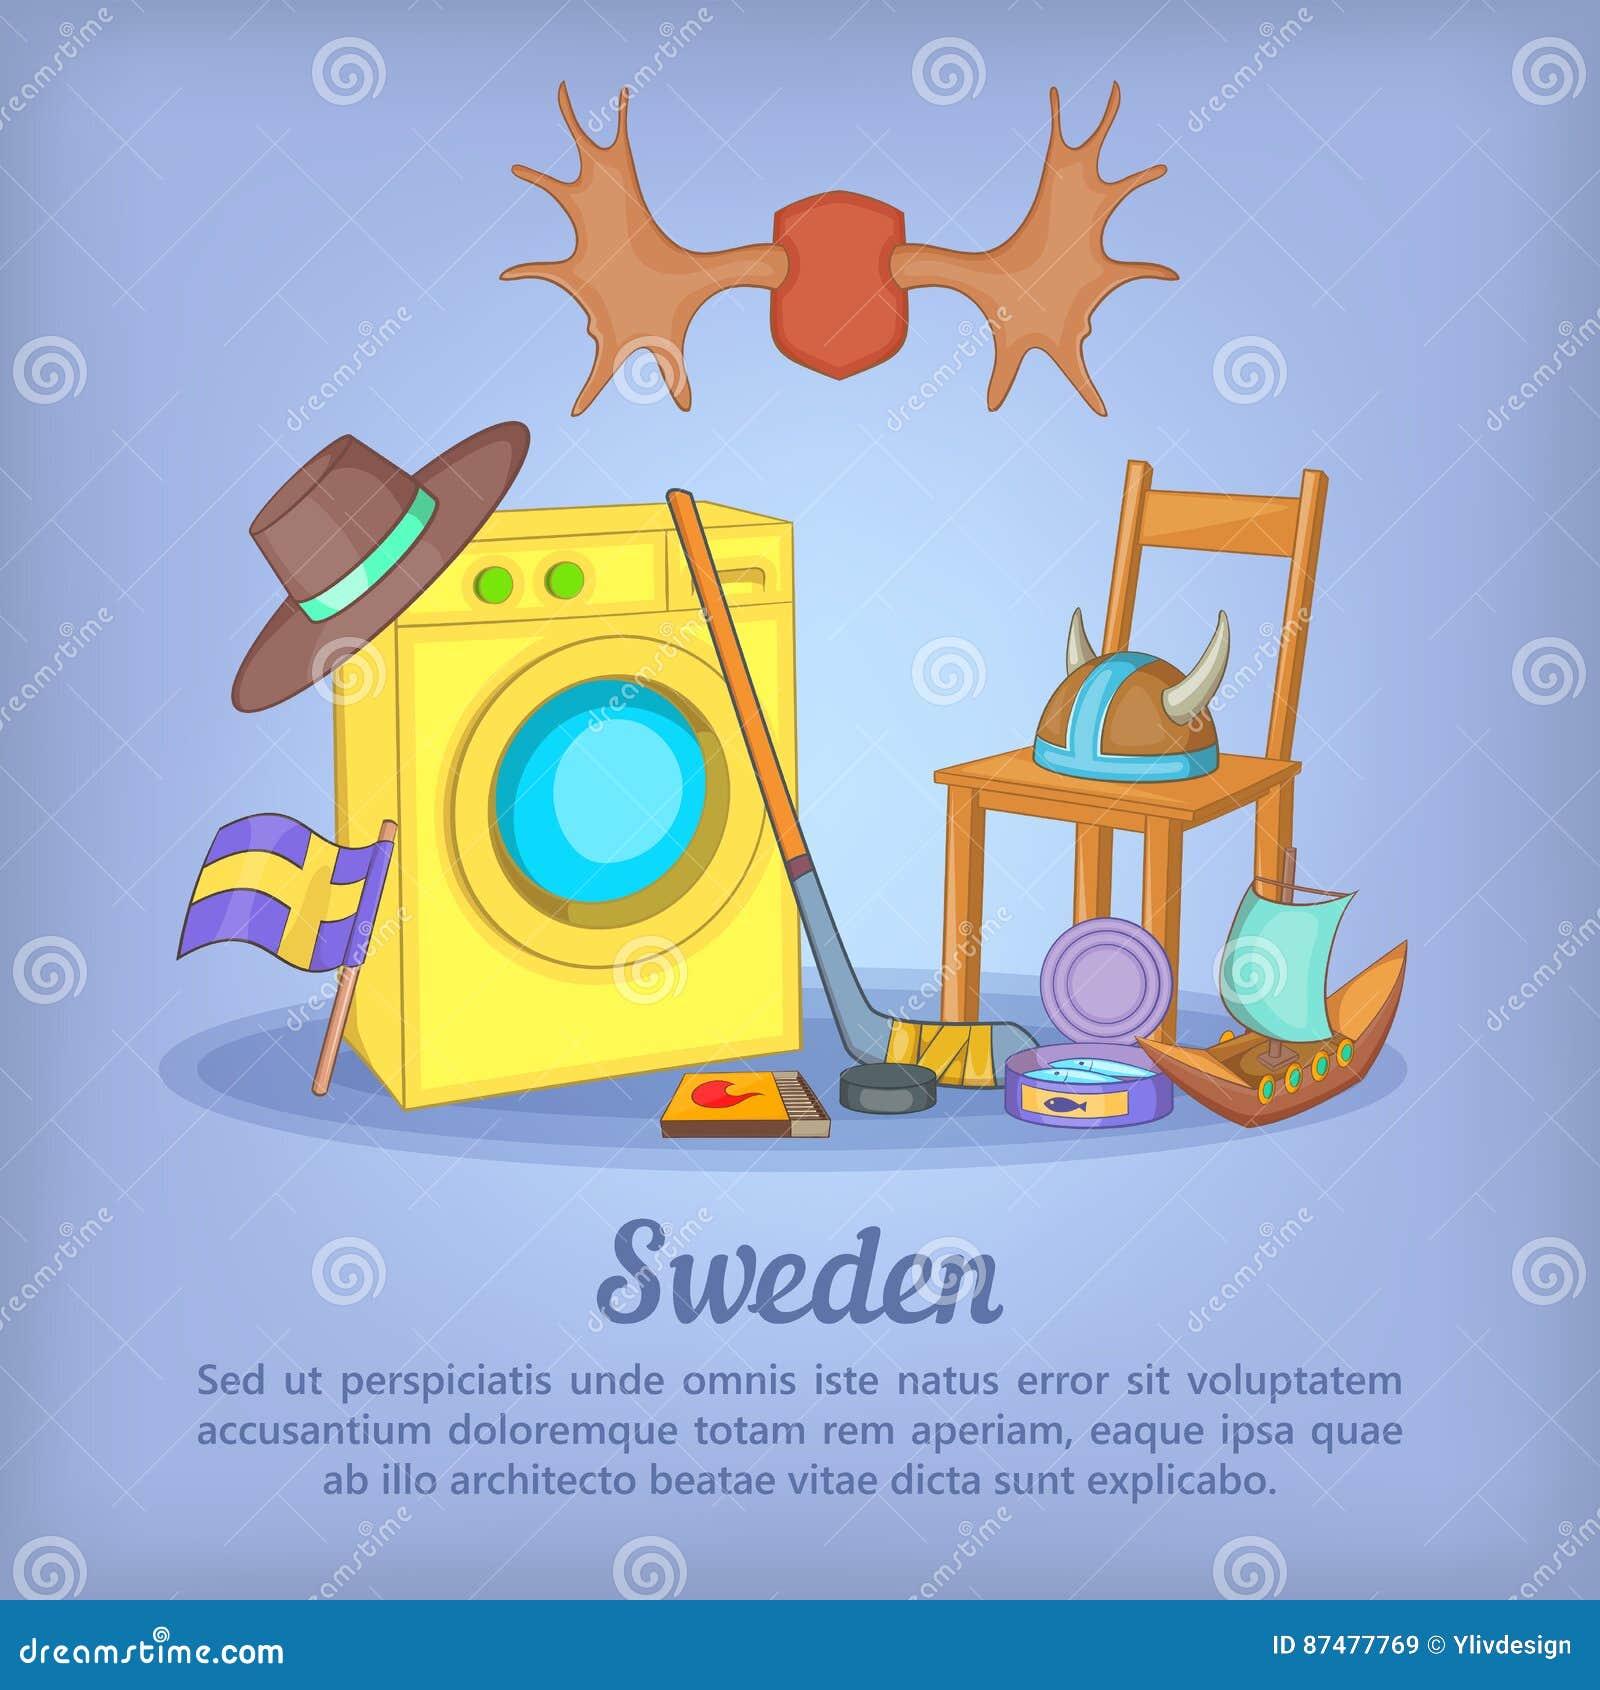 Концепция Швеции, стиль шаржа